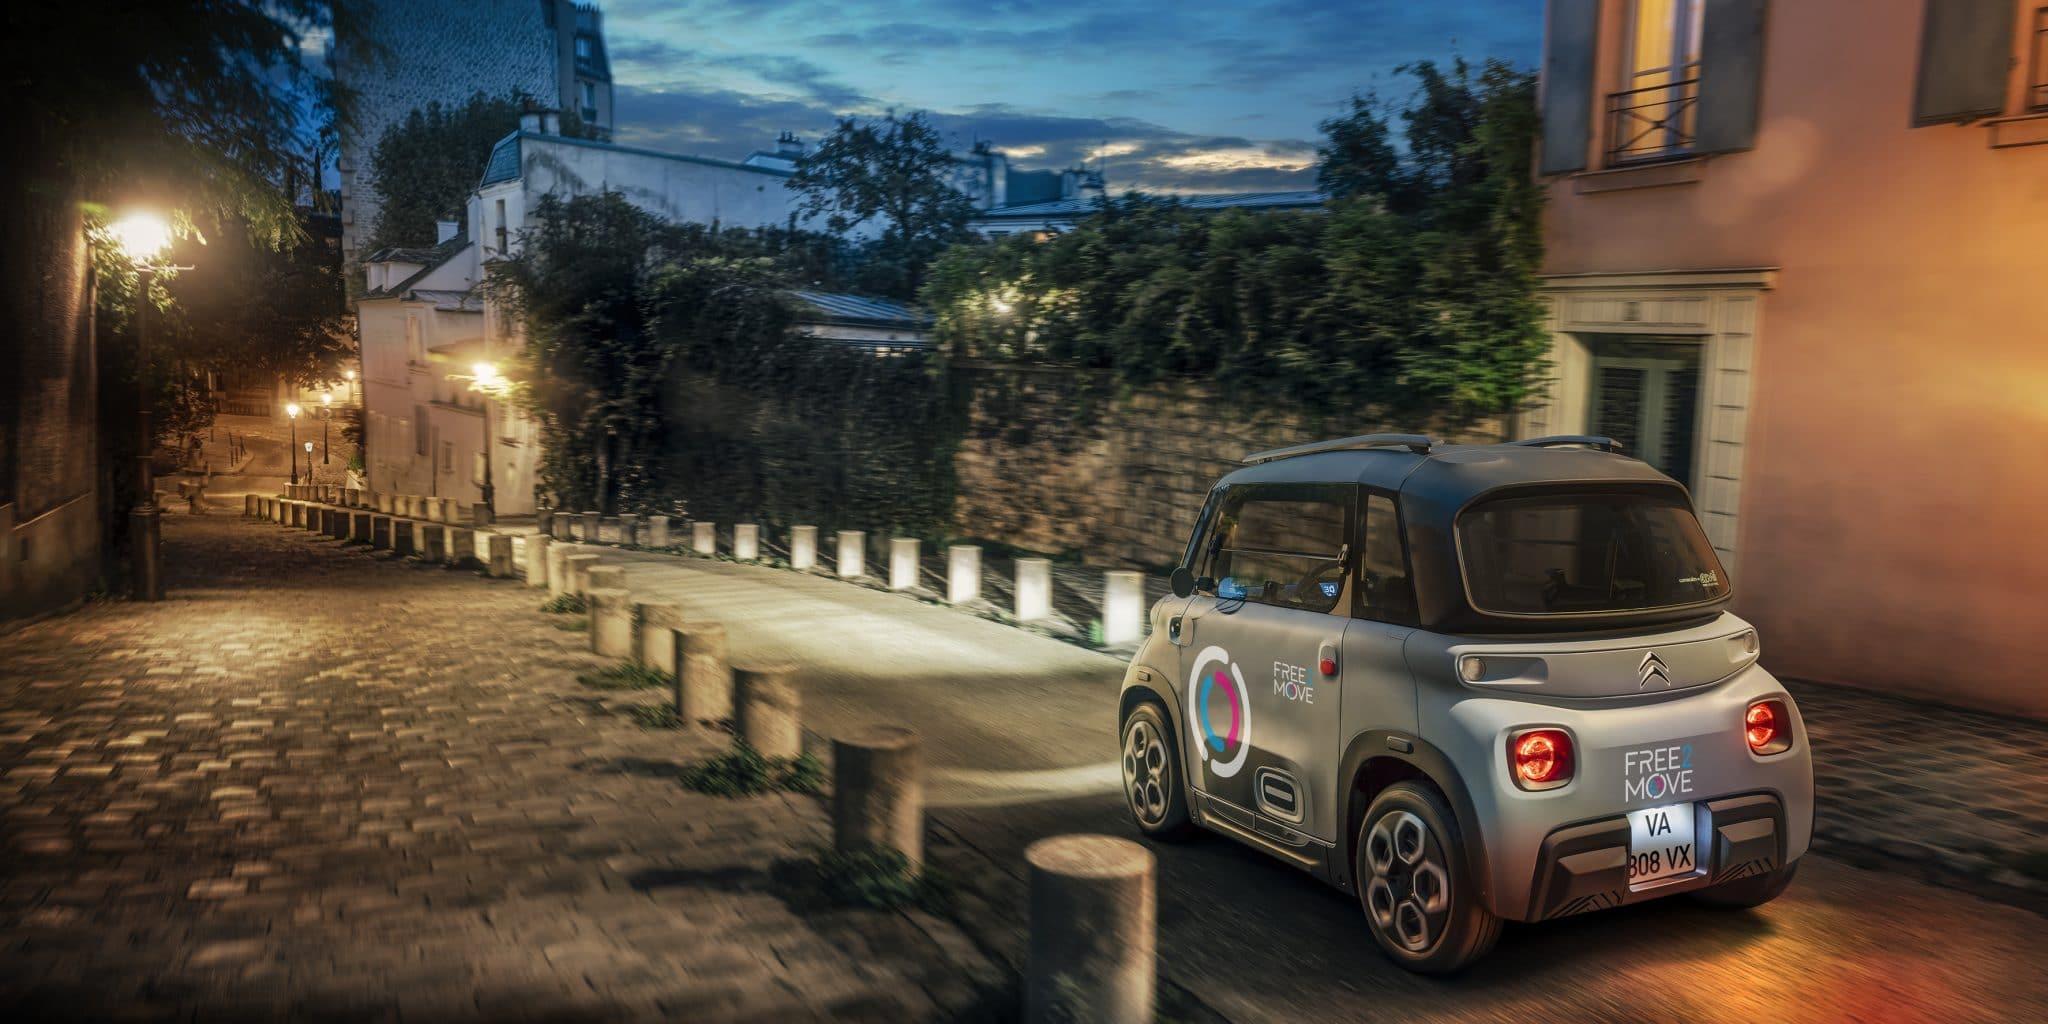 free2move paris déplacements voiture autopartage électrique escapade insolite monuments visite balade aventure été